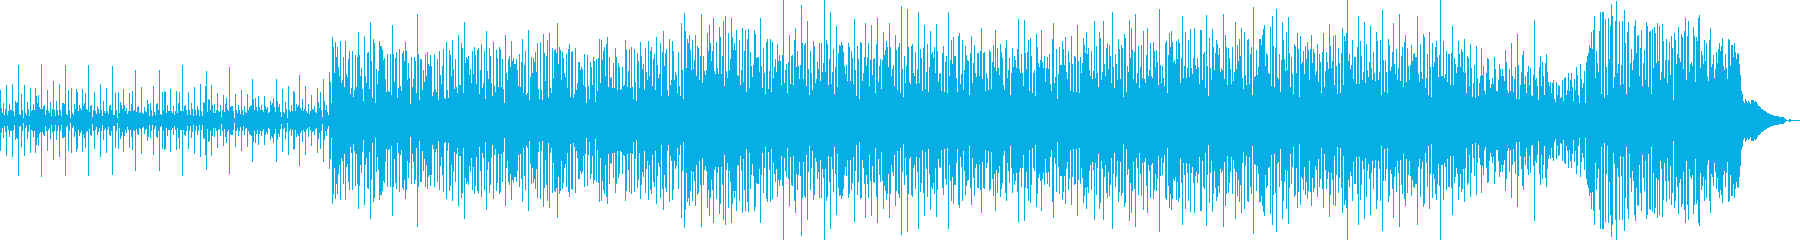 アグレッシブでエキサイティングなテクノの再生済みの波形